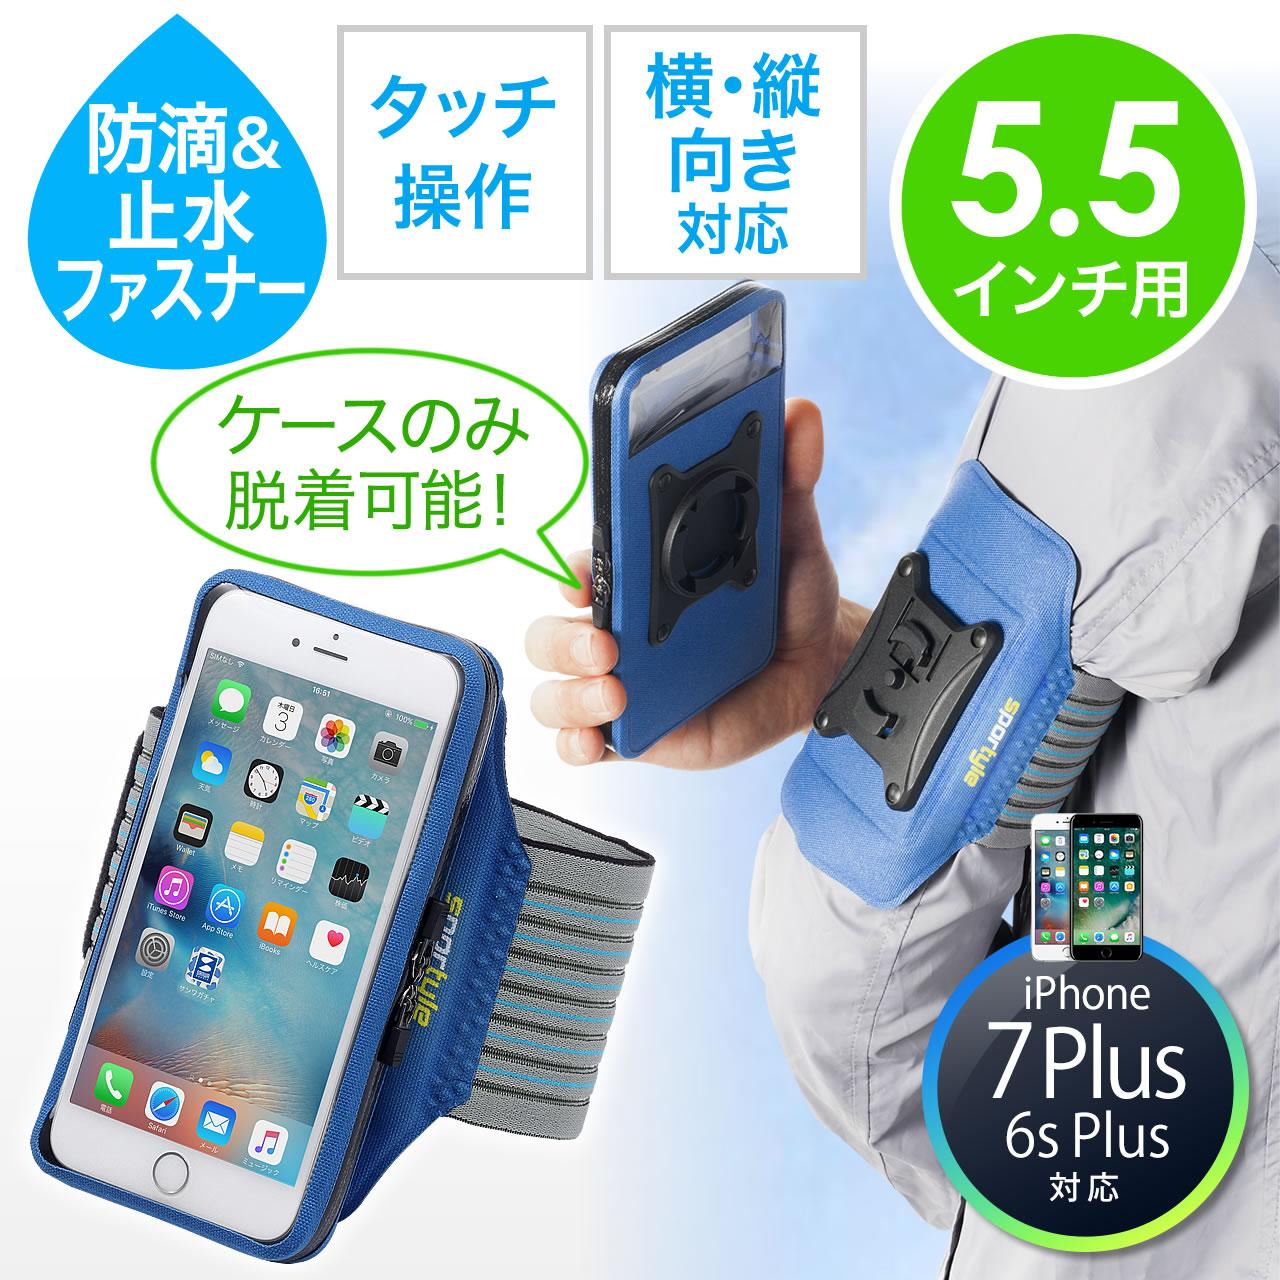 c614f3f51a アームバンドケース(5.5インチスマホ・iPhone 7 Plus/6s Plus対応・防